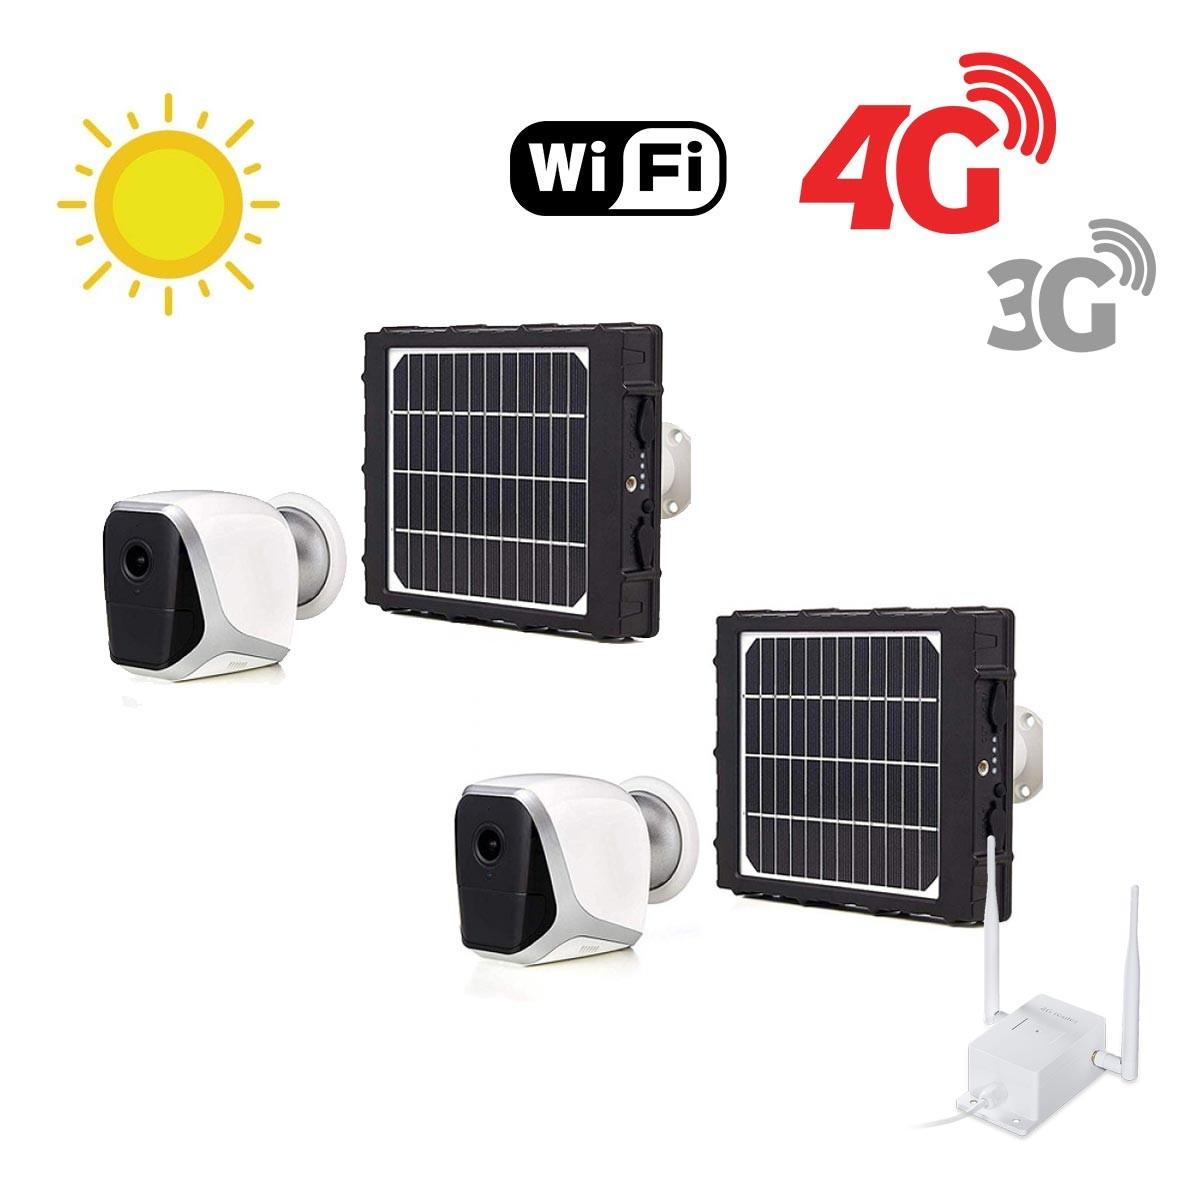 Kit de 2 smart caméras solaires Wifi HD 1080P avec routeur GSM 3G 4G WiFi